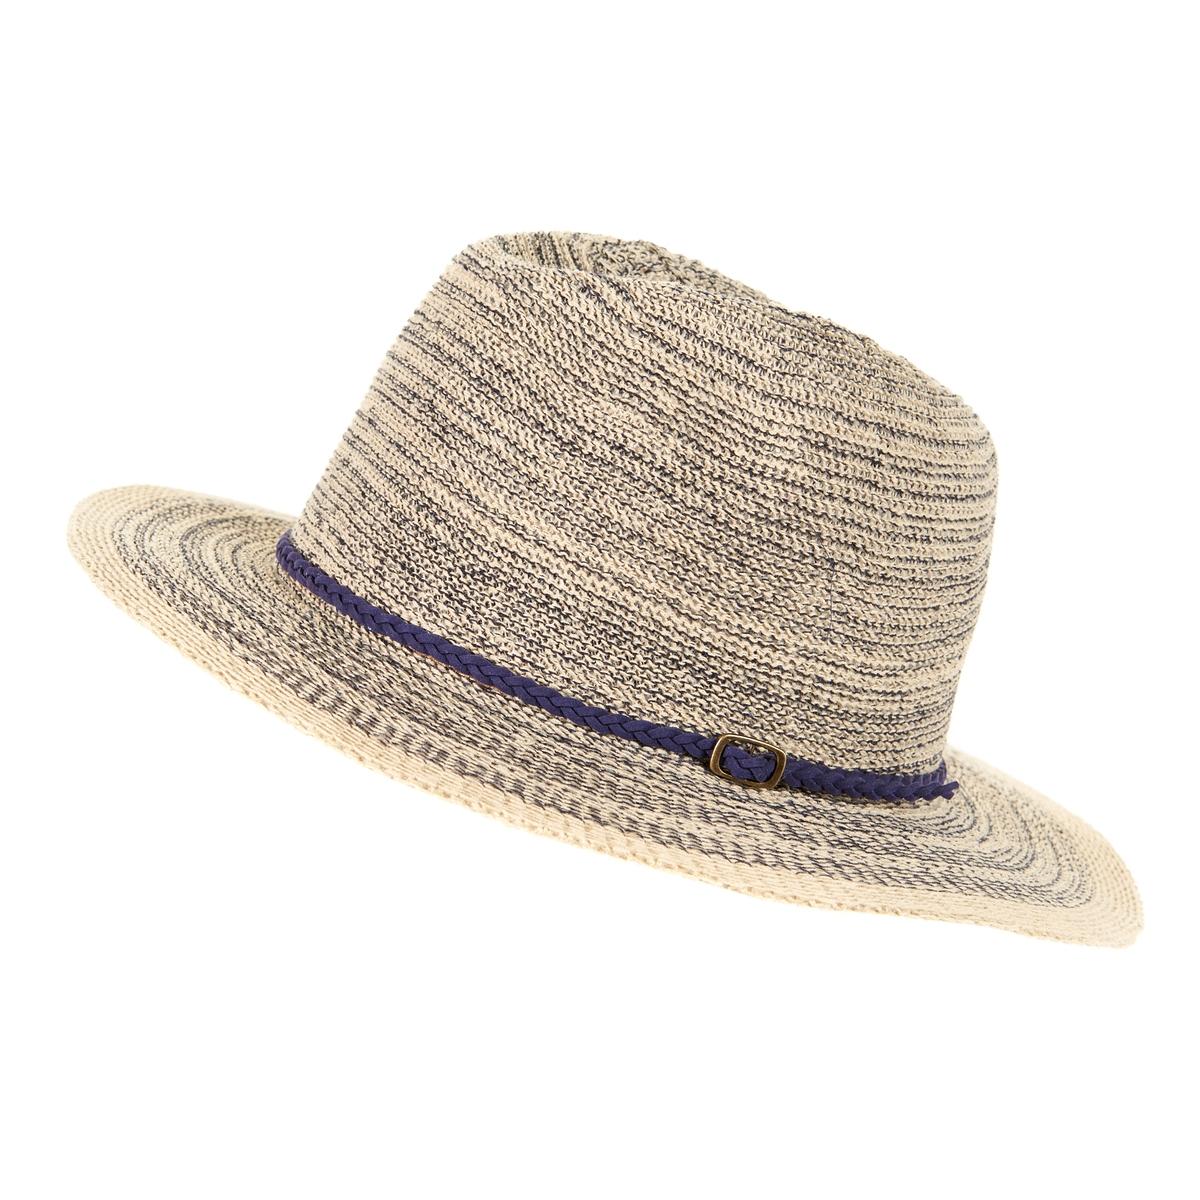 ШляпаОписание:Модная шляпа : выполнена в духе современных тенденций, украшена тонким ремешком-косичкой с пряжкой.Состав и описание : •  Материал : 63%хлопка, 27%полиэстера •  Пояс : обхват головы 56см<br><br>Цвет: синий<br>Размер: единый размер